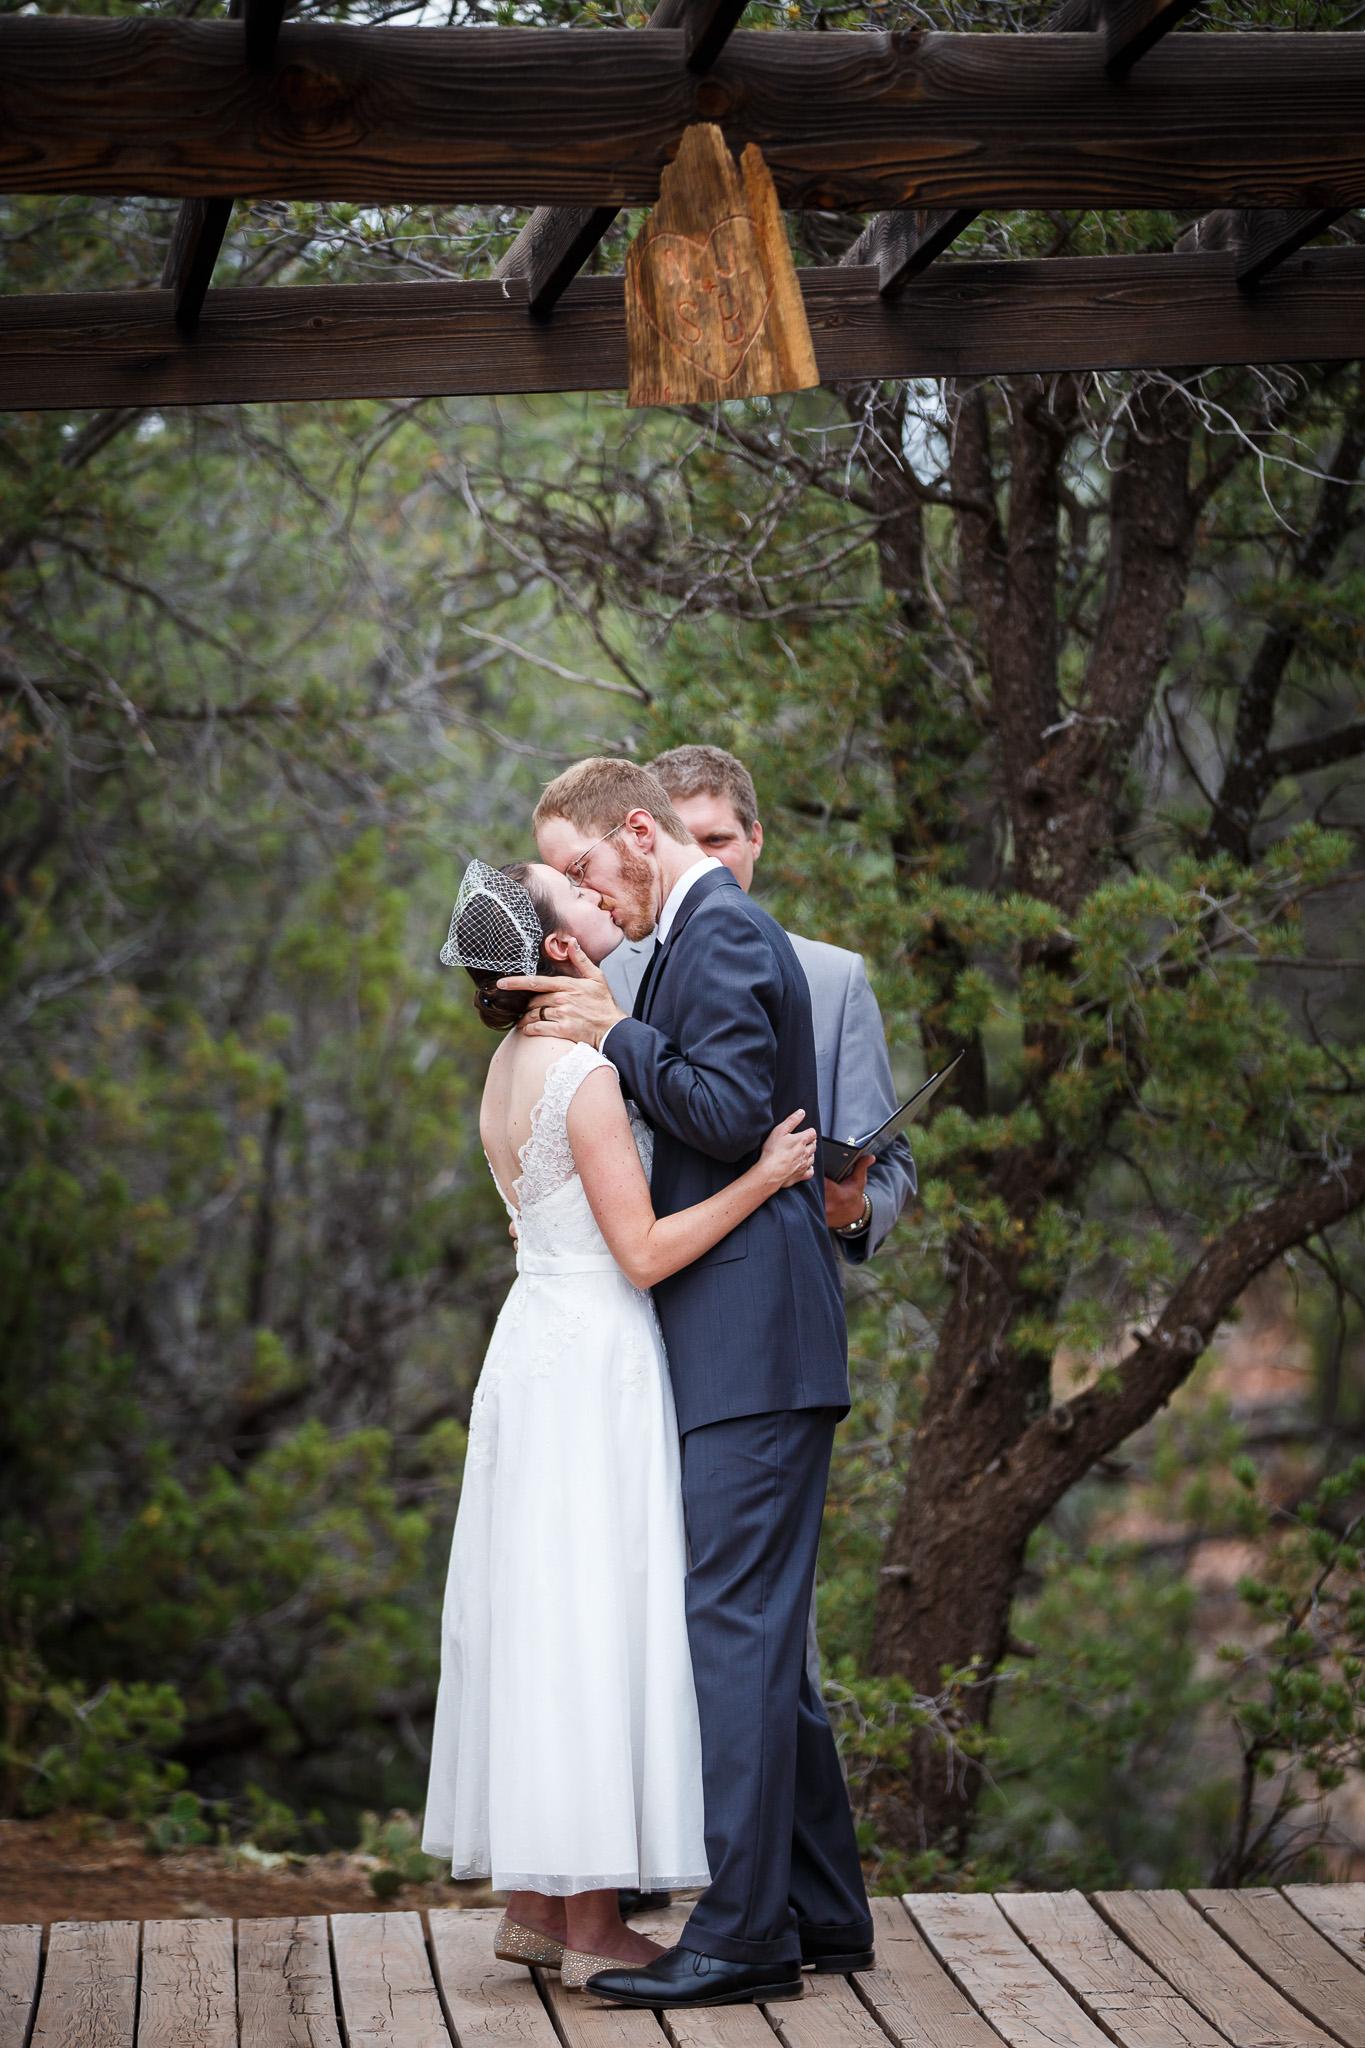 wedding-albuquerque-tijeras-ywca-pinon-canyon-center-0101.jpg